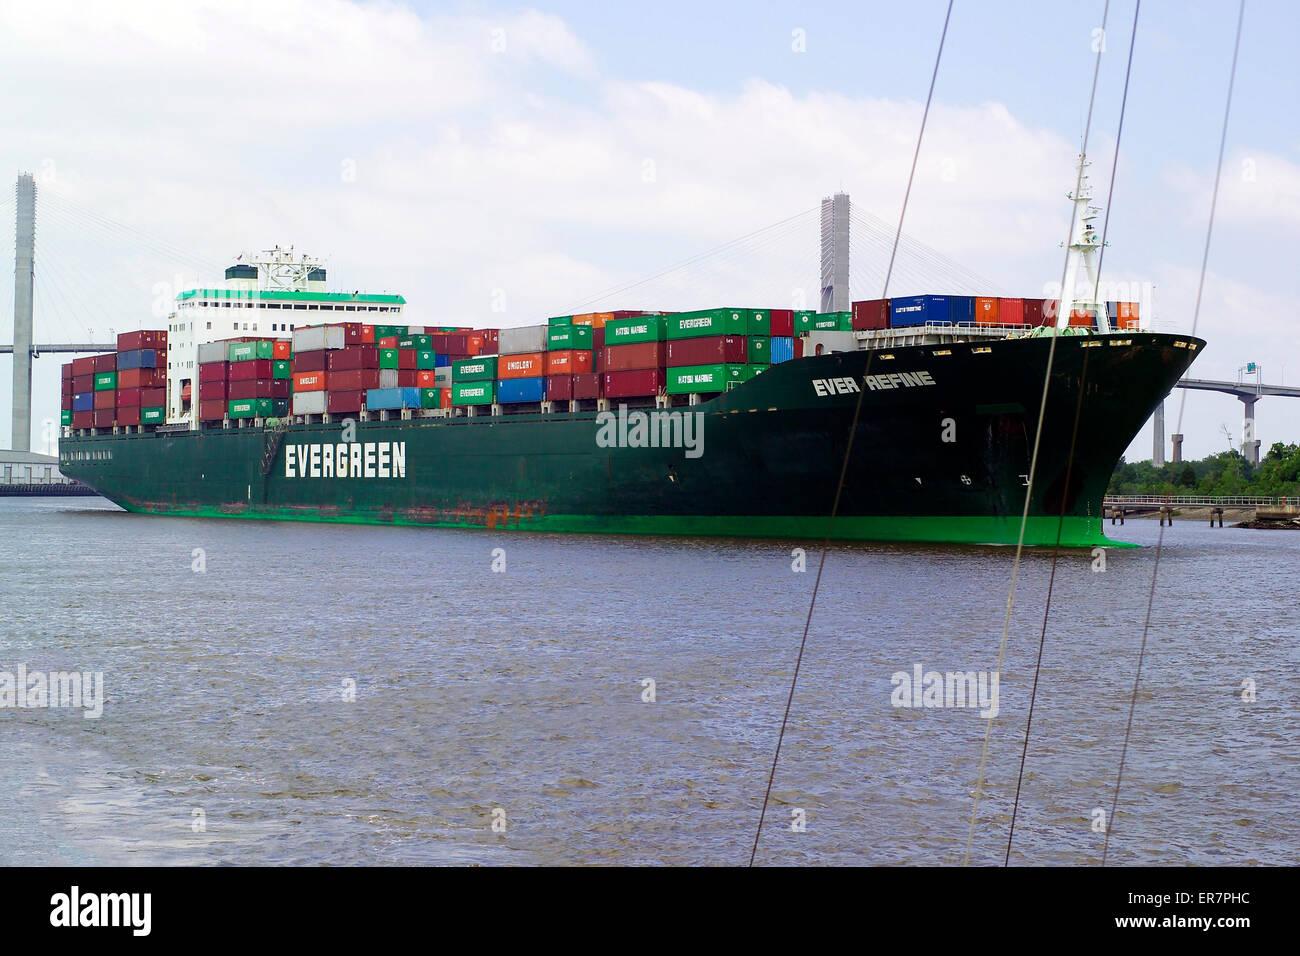 Un énorme navire à faire part vers l'océan Atlantique depuis le port de Savannah, le plus grand Photo Stock